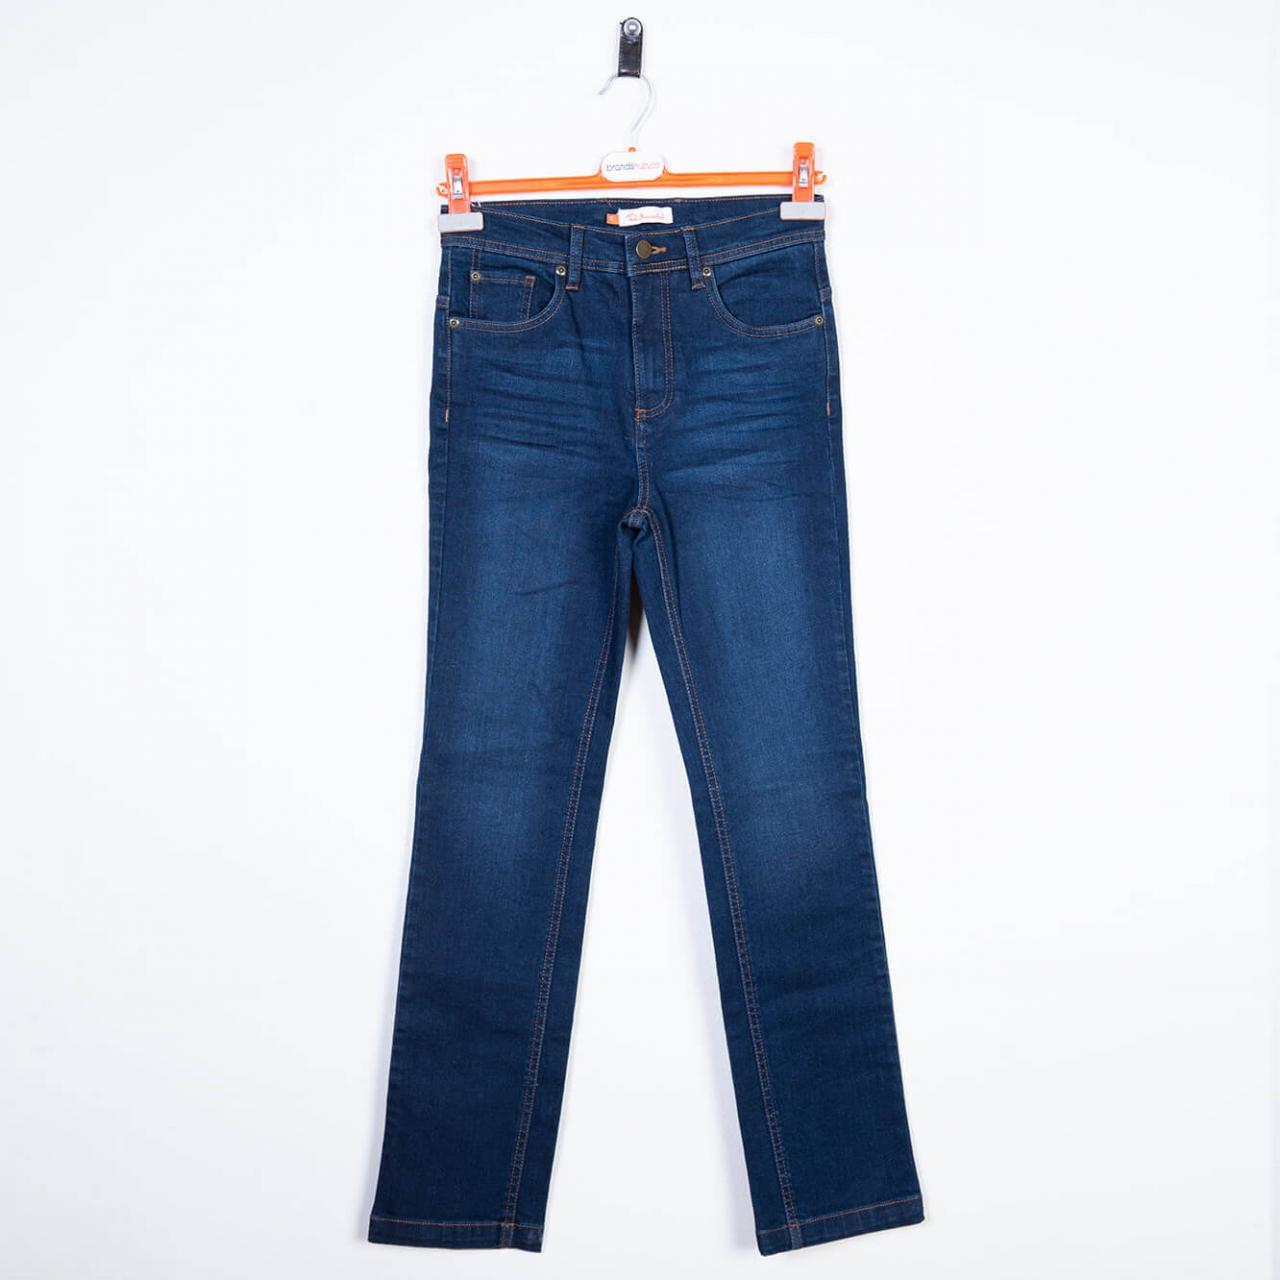 صورة بنطلون جينز 2019 , موديلات بناطيل جينز نسائيه 941 8